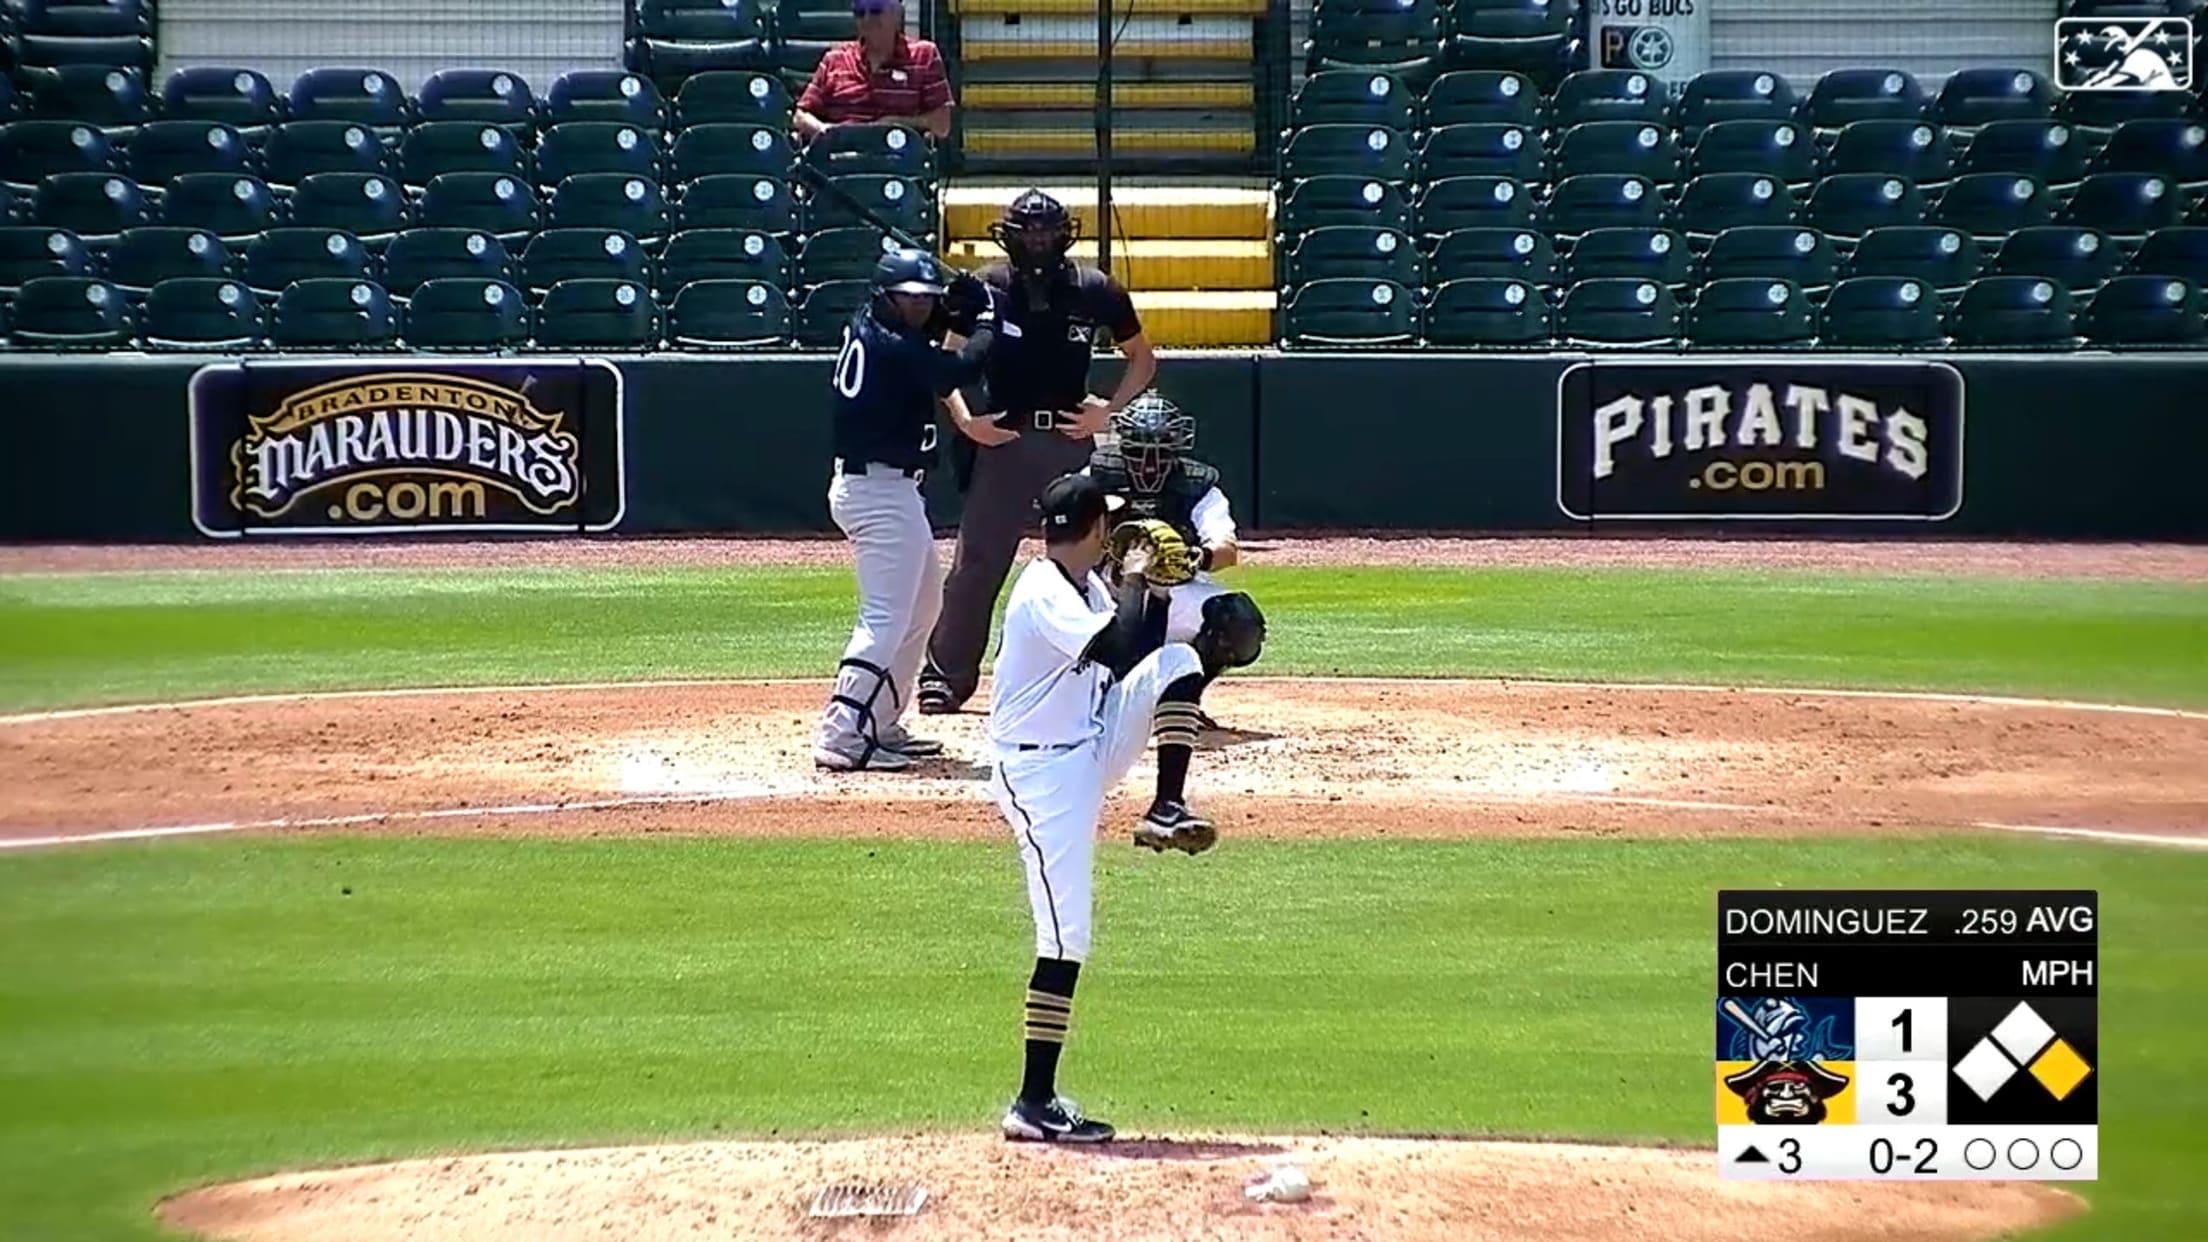 Dominguez's 5th home run